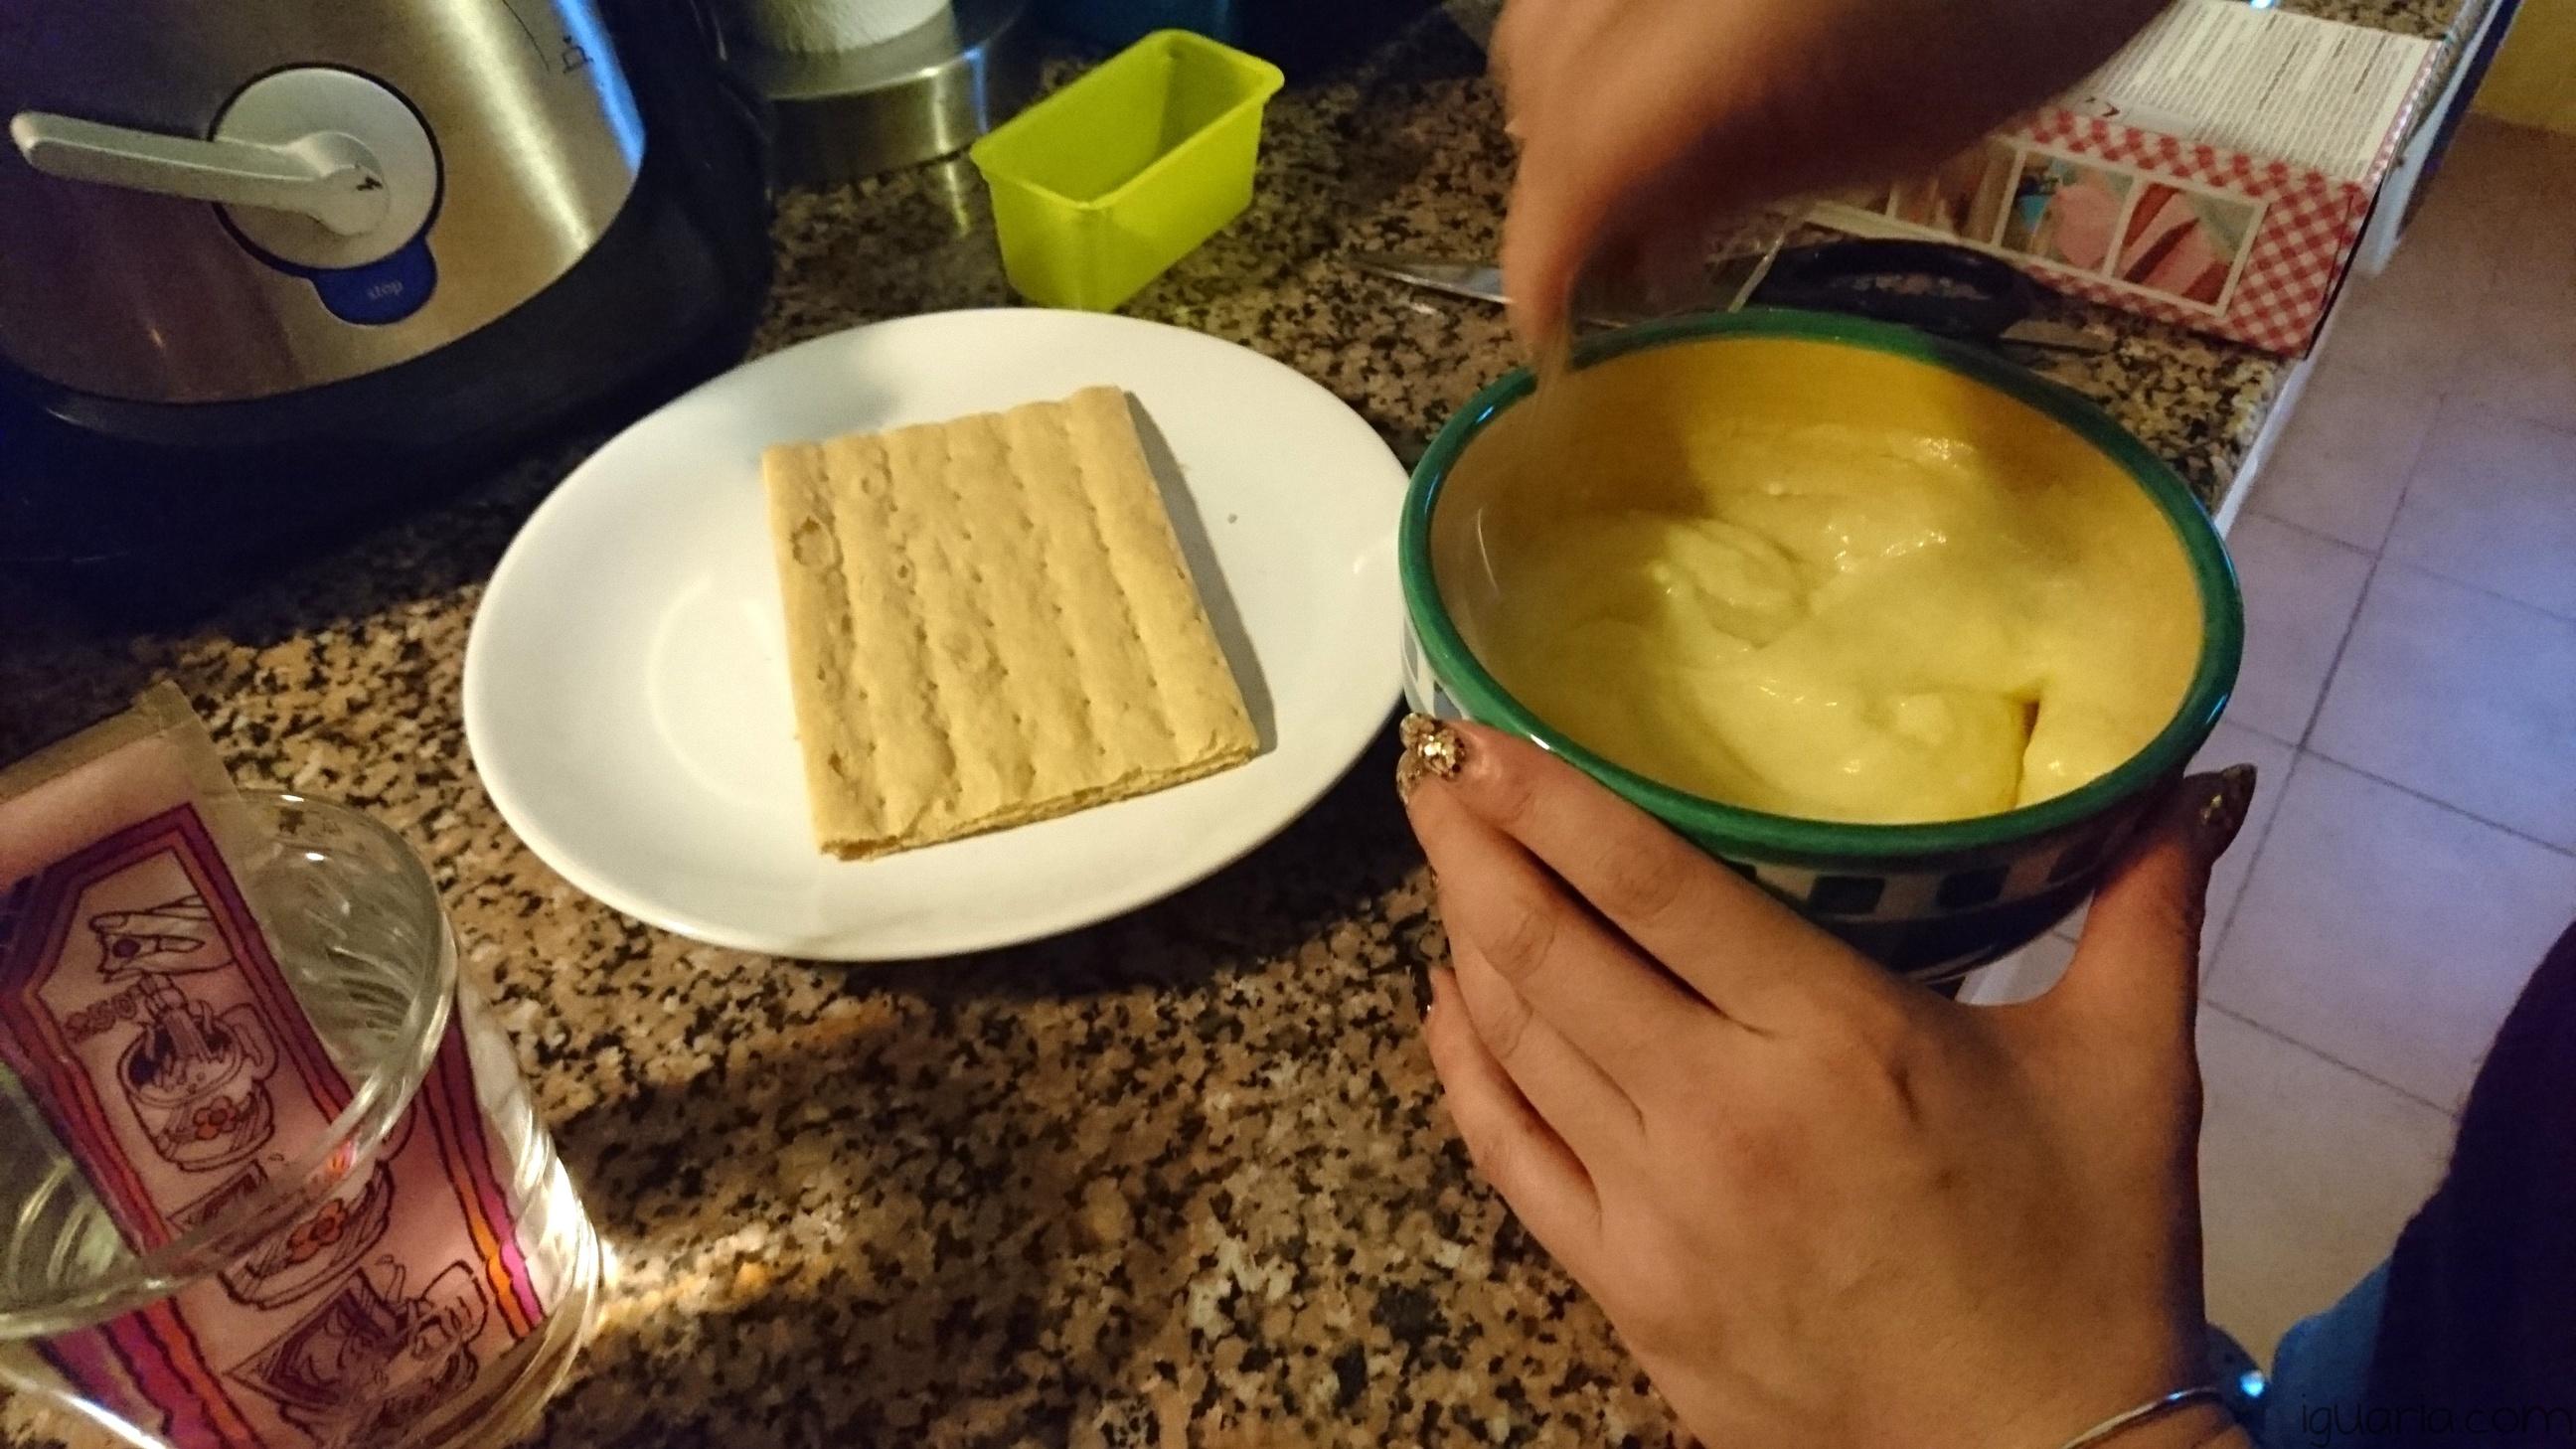 iguaria-tampouce-bater-creme-recheio